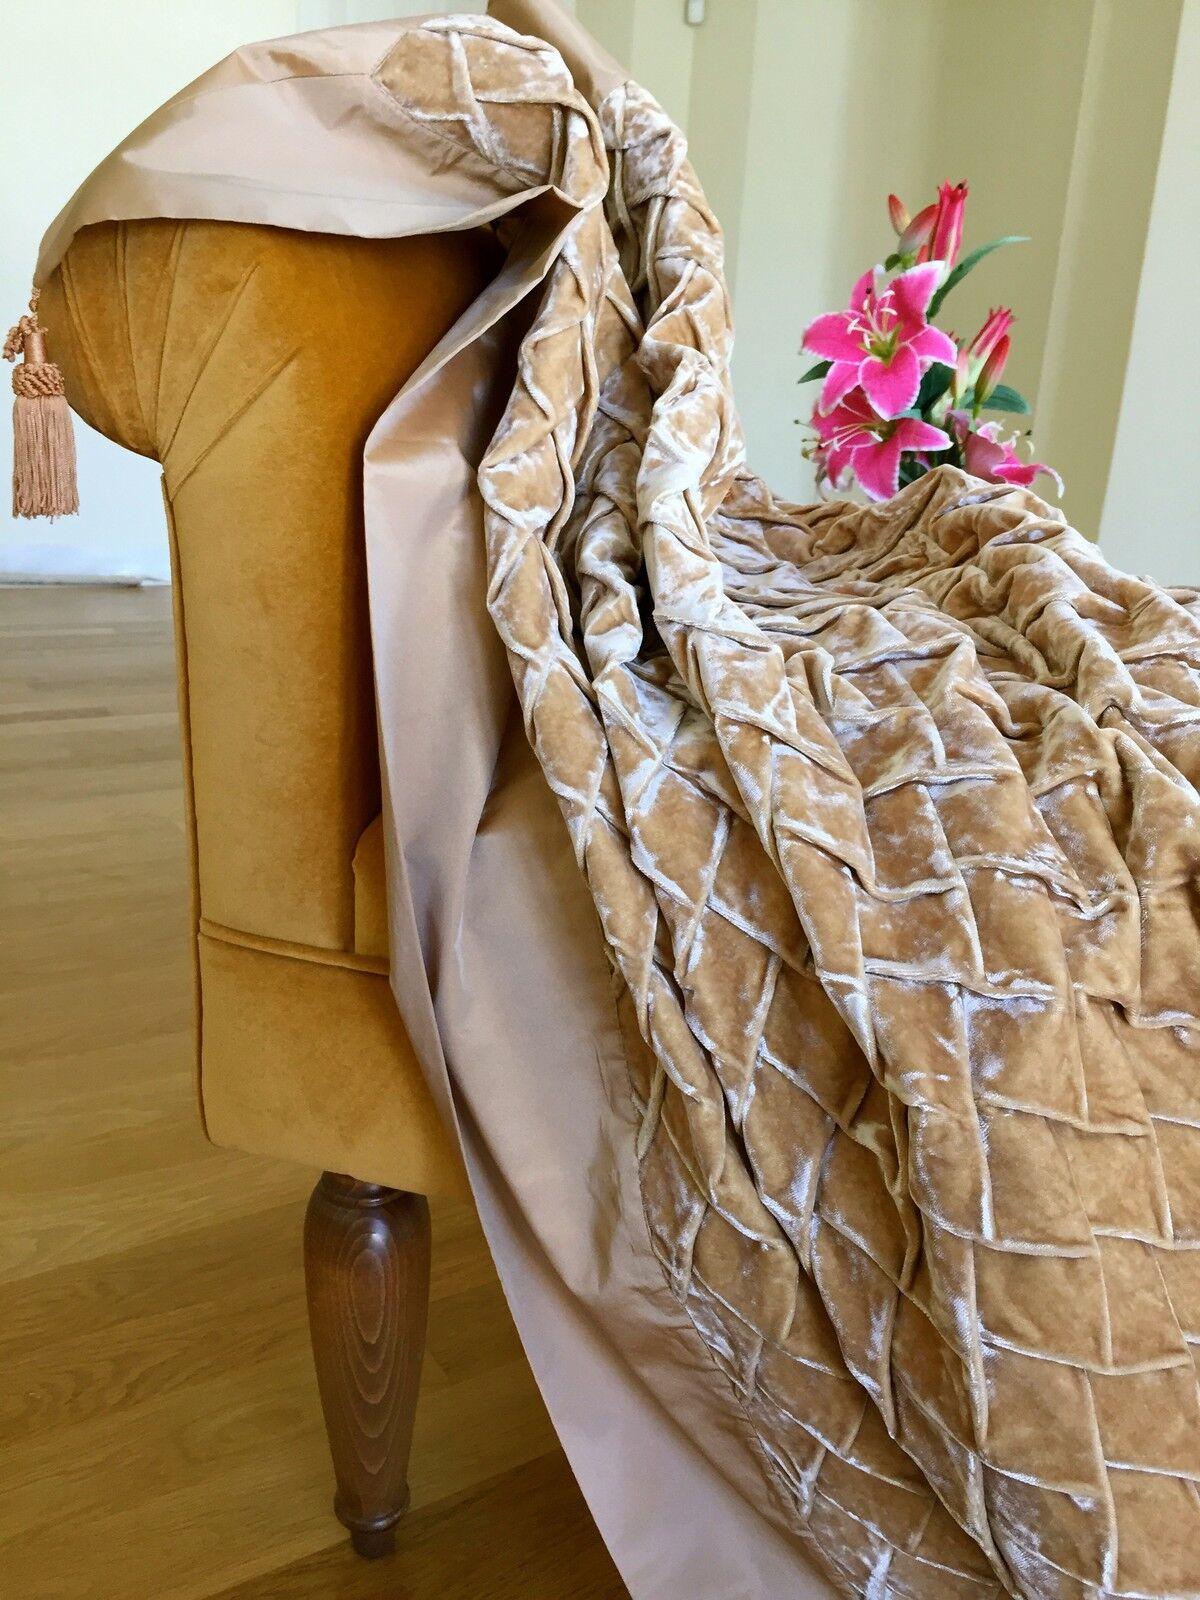 Una lujosa cubierta Decorativo Lujoso Terciopelo tafetán Color Beige Bronceado.